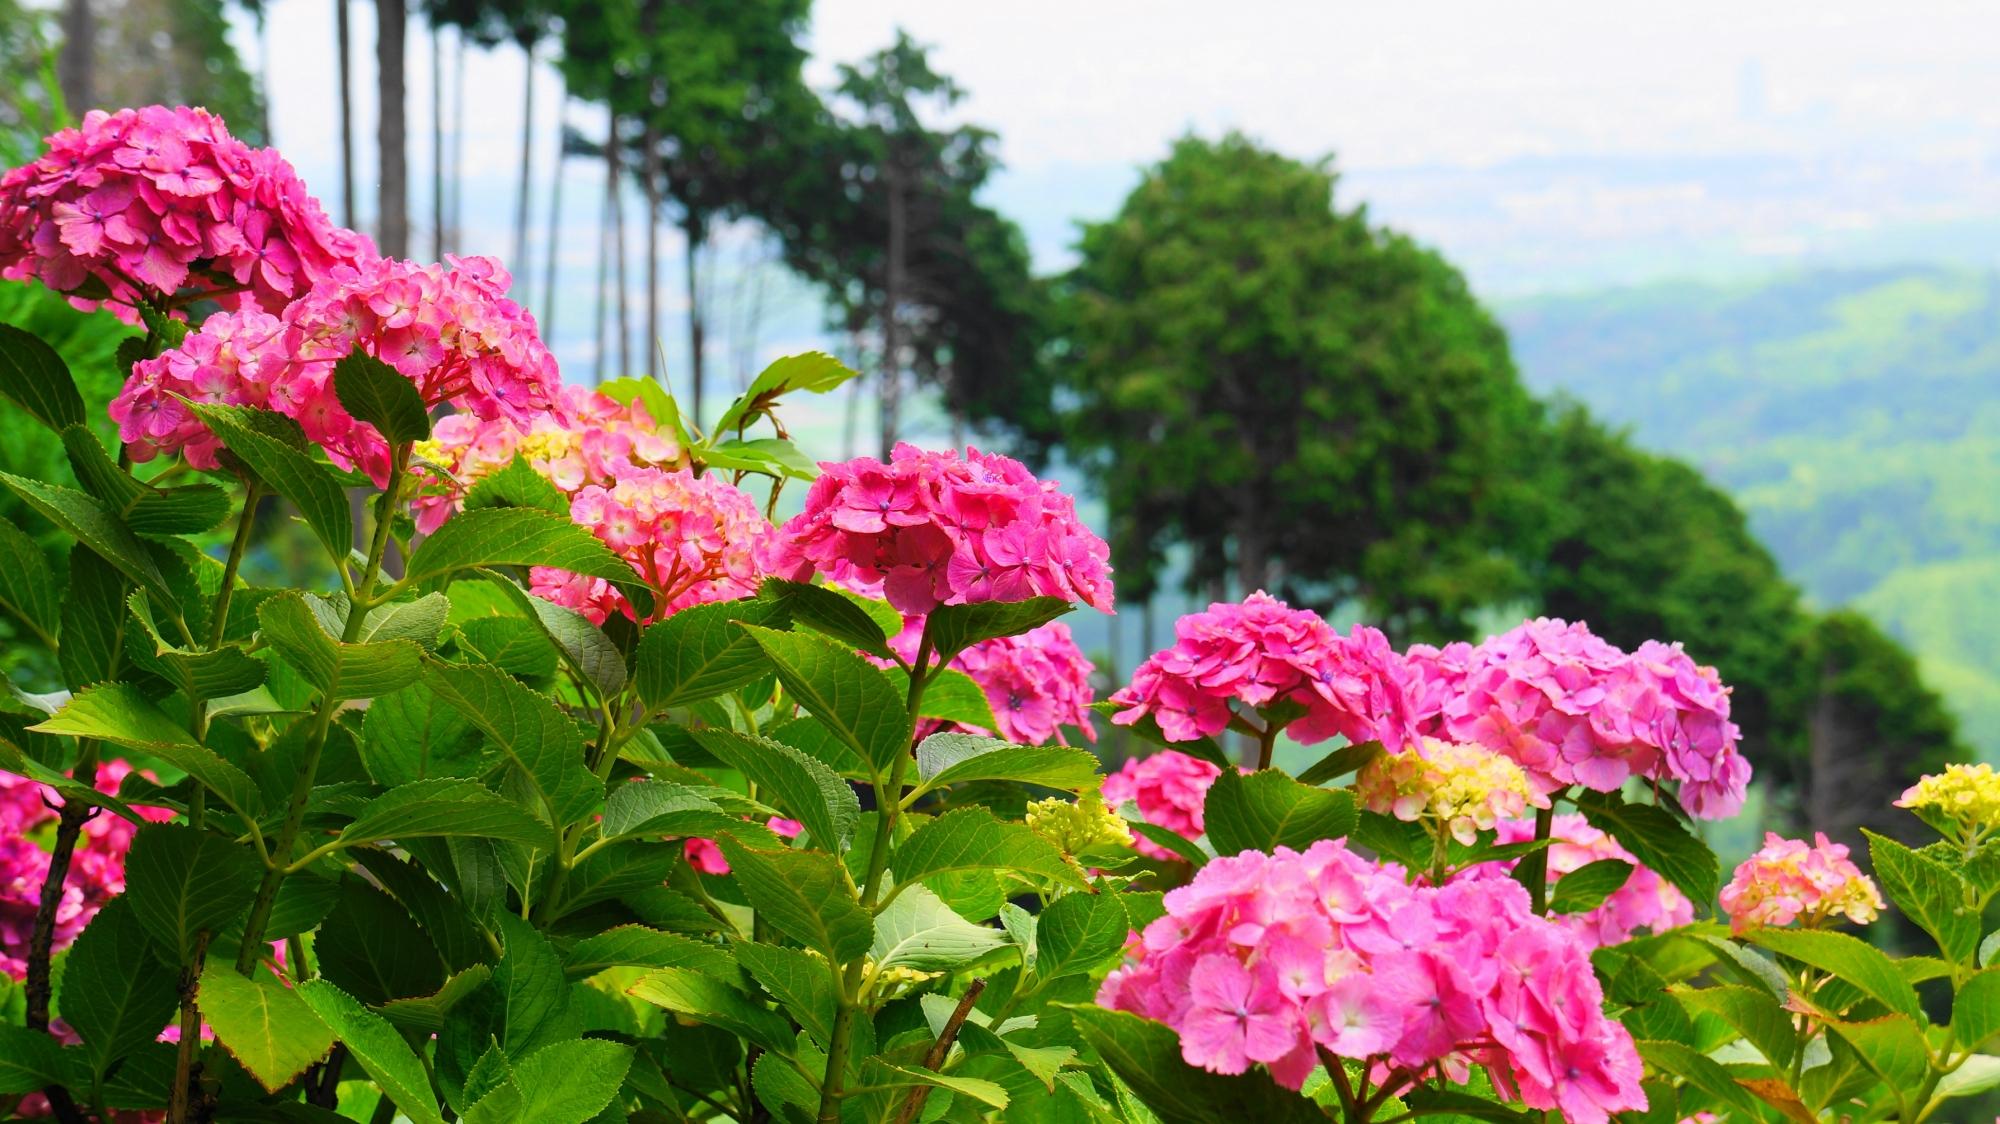 善峯寺の背景の開けた鮮やかなピンクの紫陽花